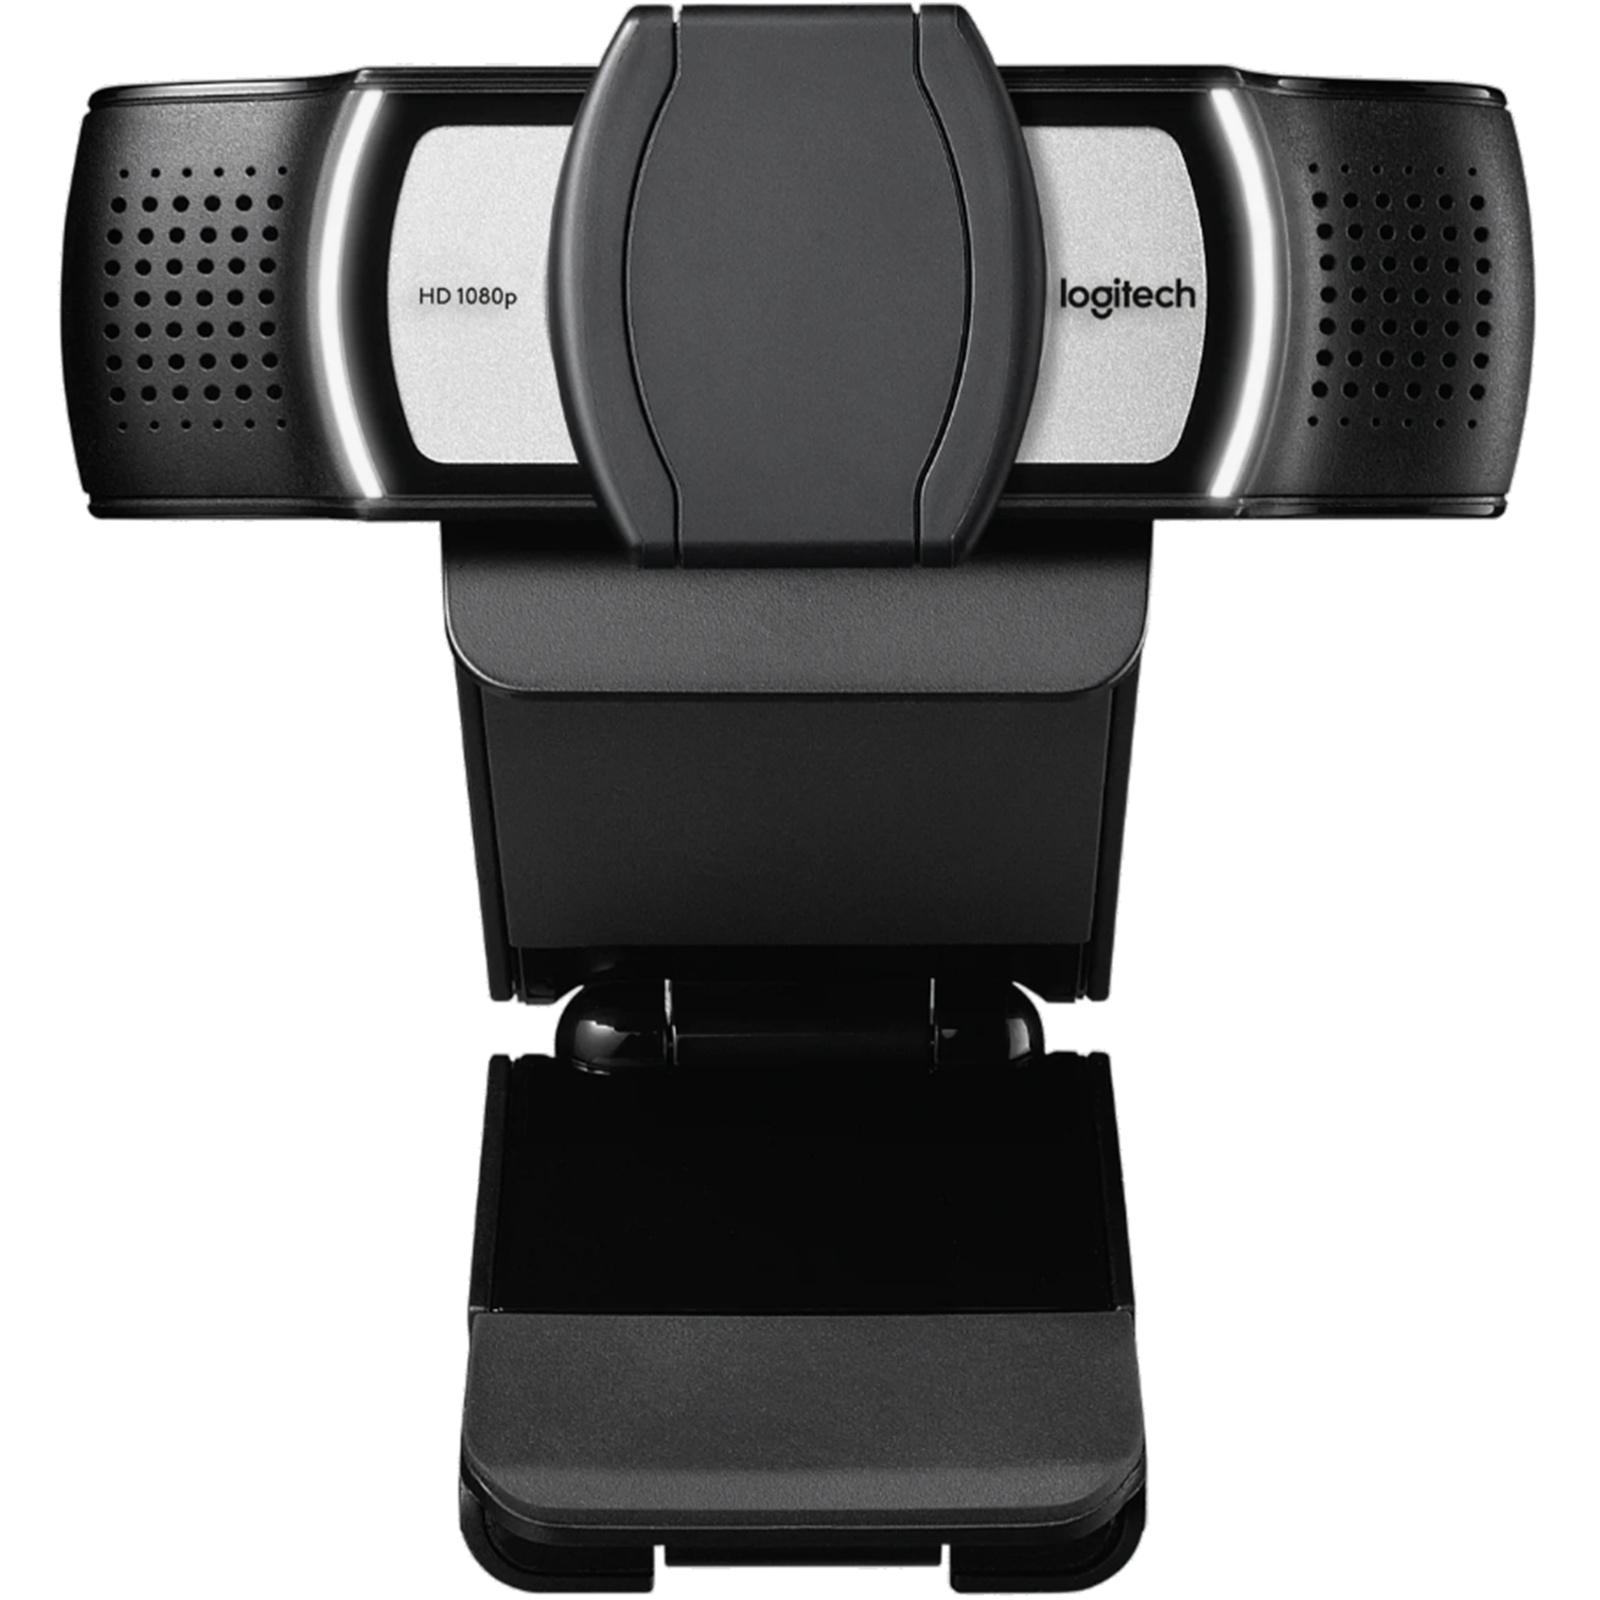 Buy the Logitech C930e Business Grade Full HD 1080P